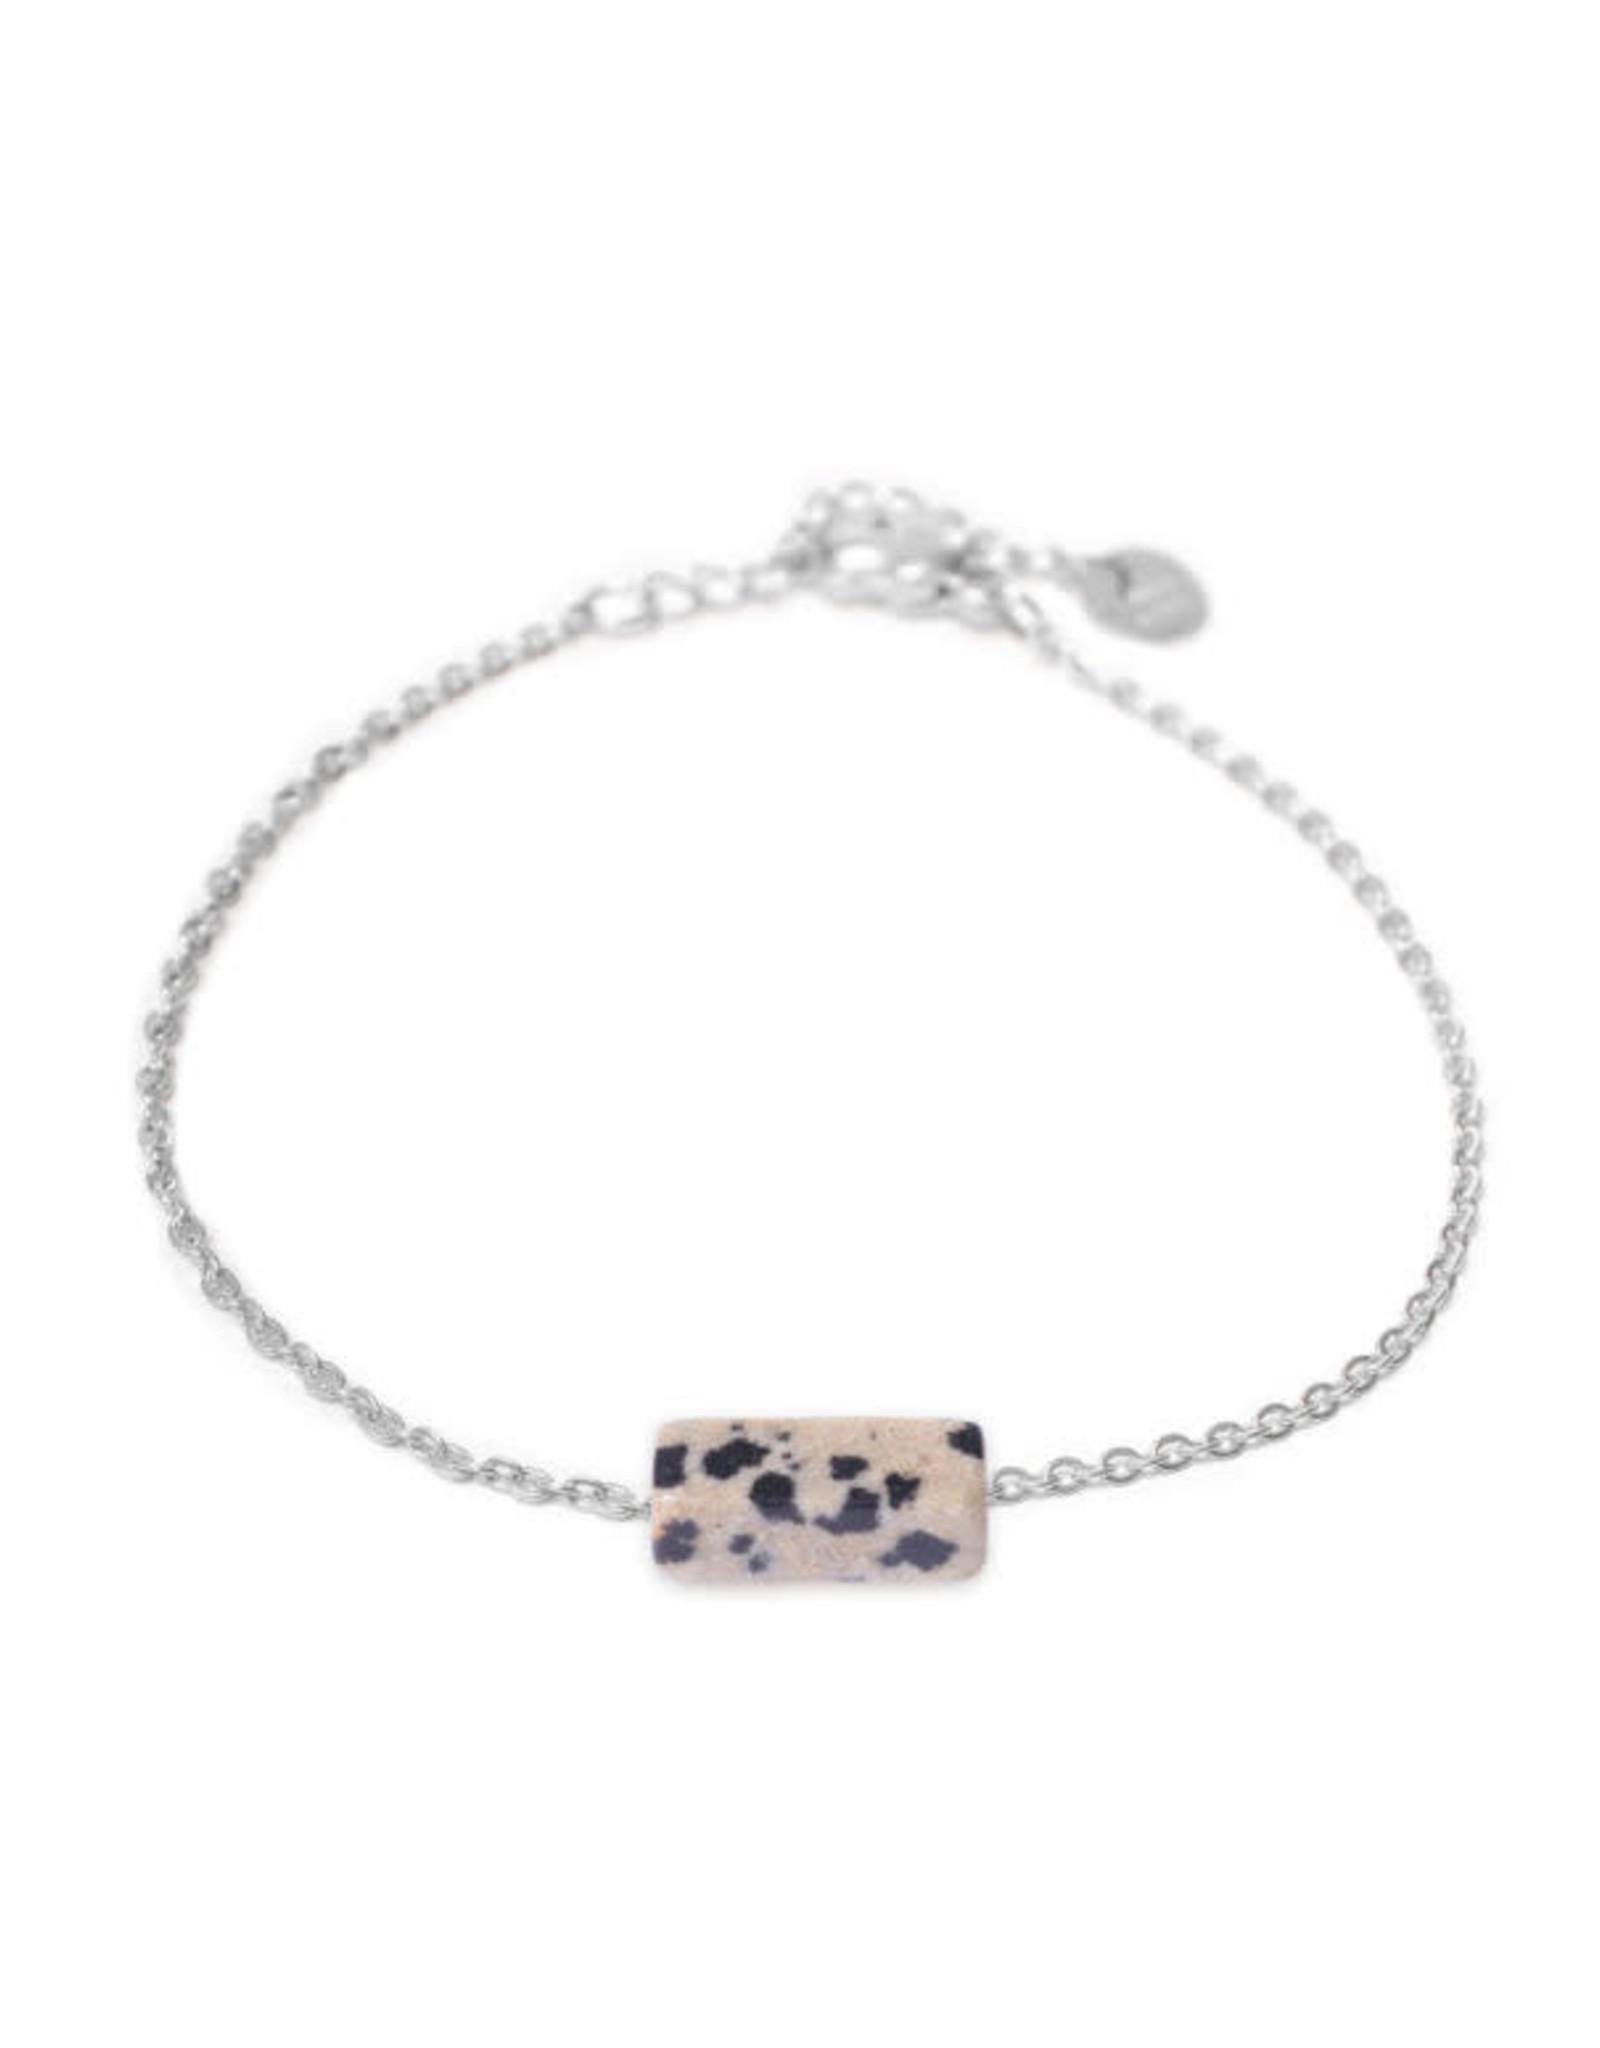 Label kiki label kiki bracelet dalmatian jasper silver